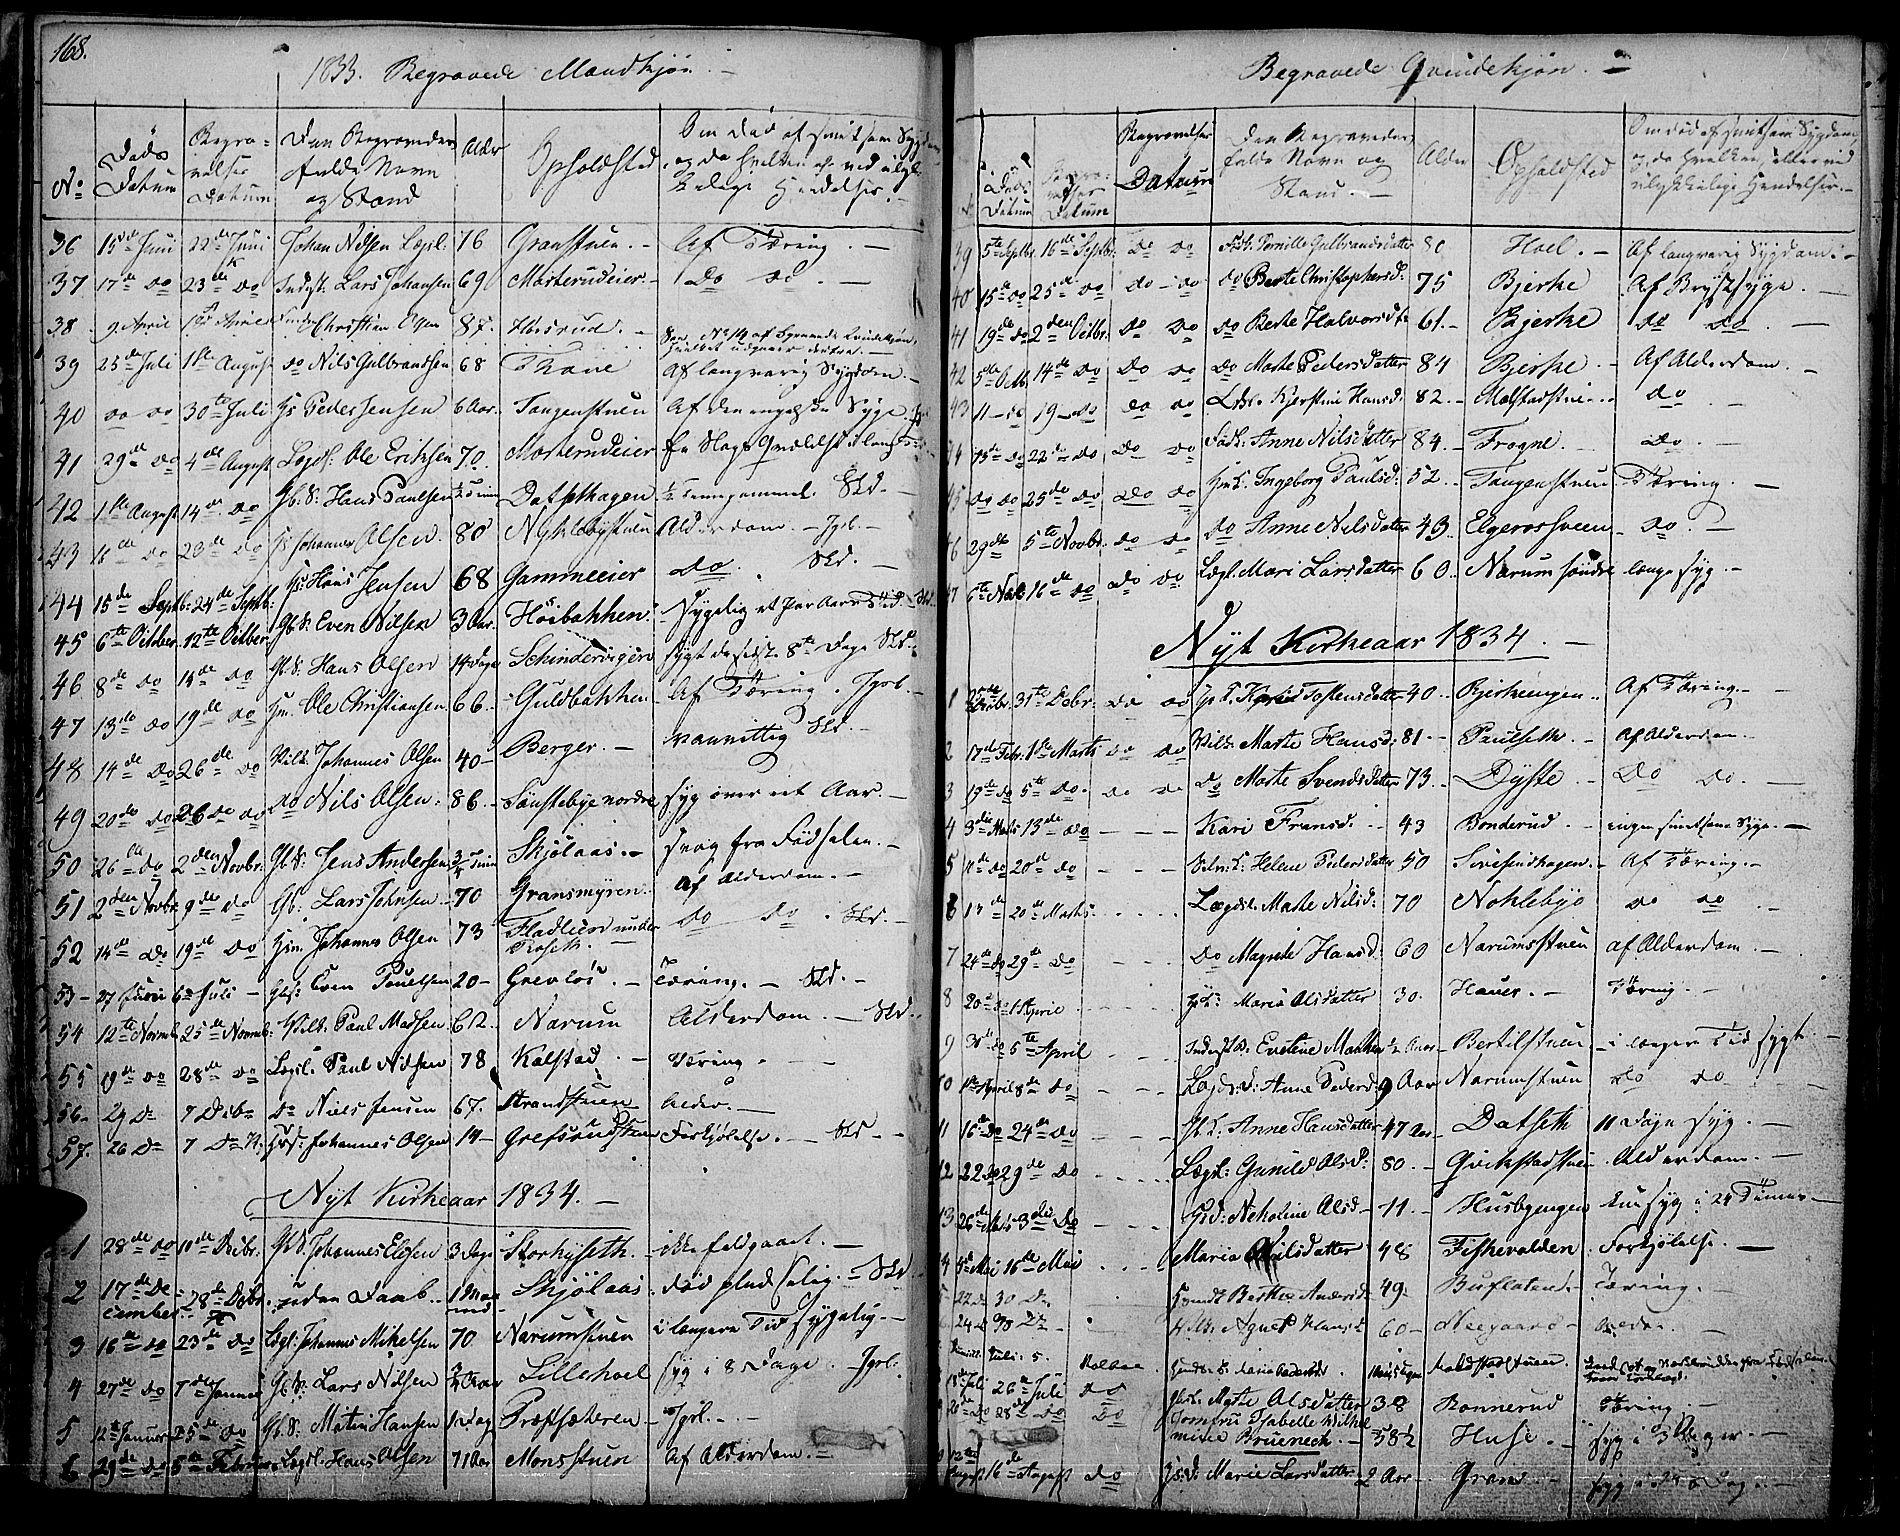 SAH, Vestre Toten prestekontor, Ministerialbok nr. 2, 1825-1837, s. 168